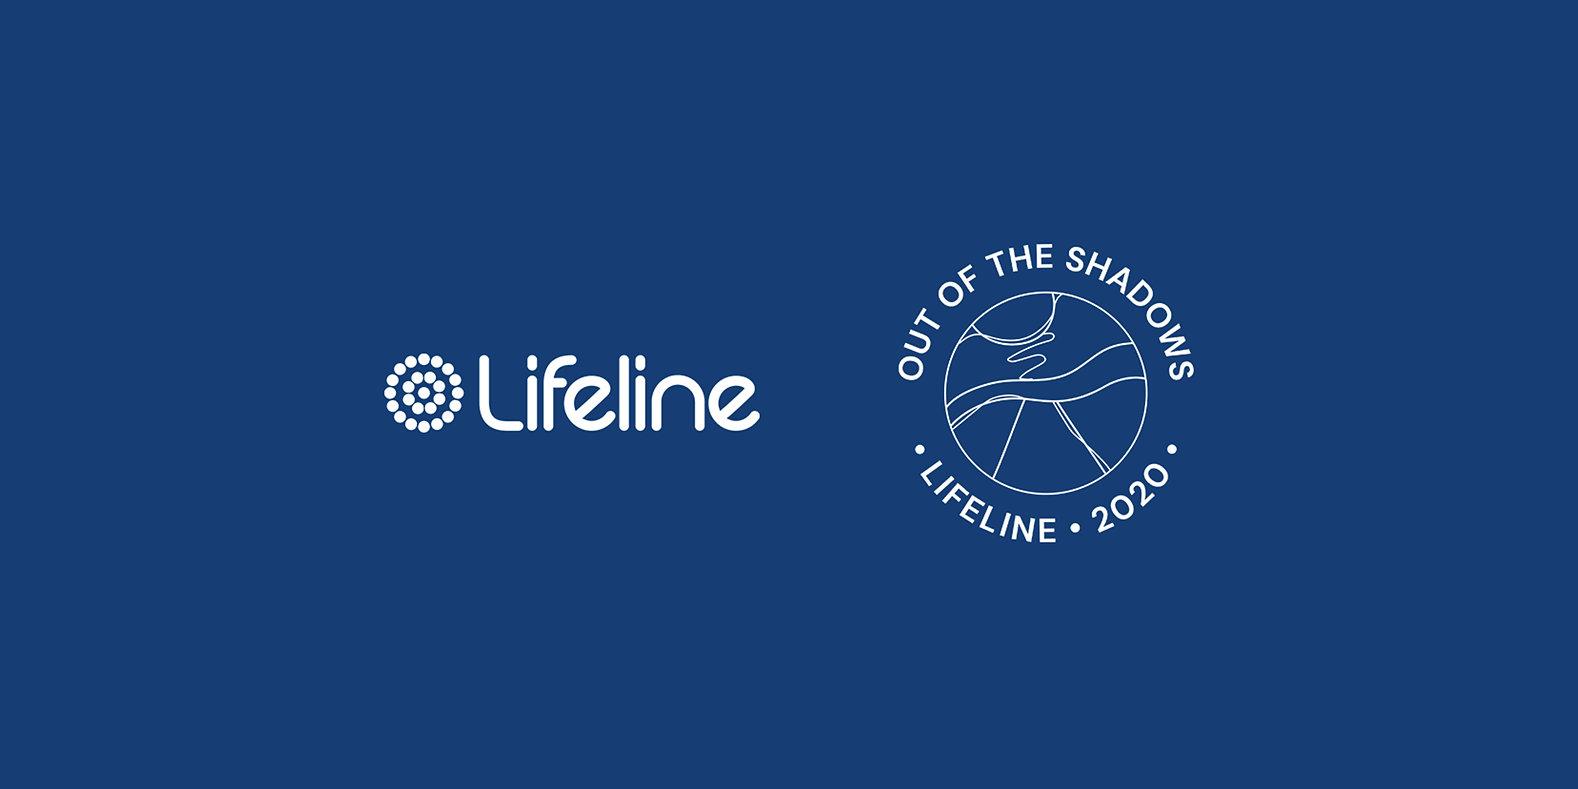 Lifeline_.jpg